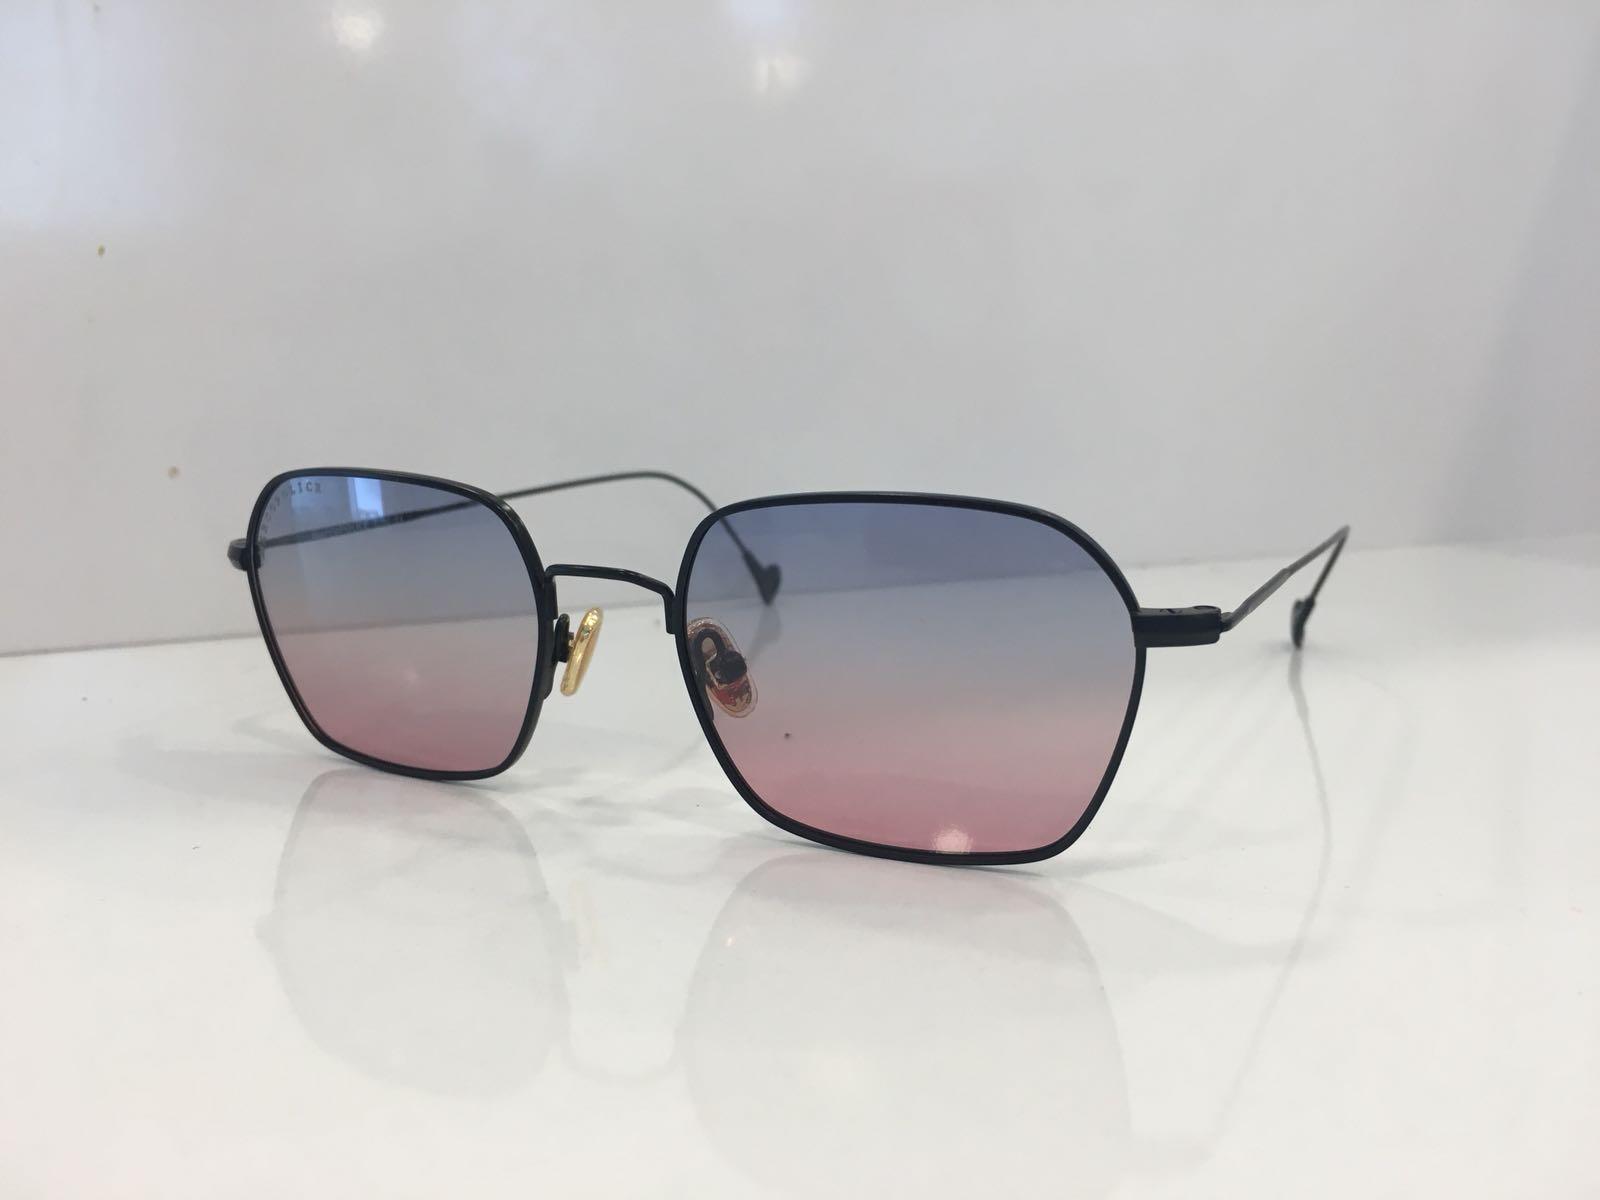 253d937aa6ff0 Marco Police Güneş Gözlüğü Mp508 C.16 | CK OPTİK